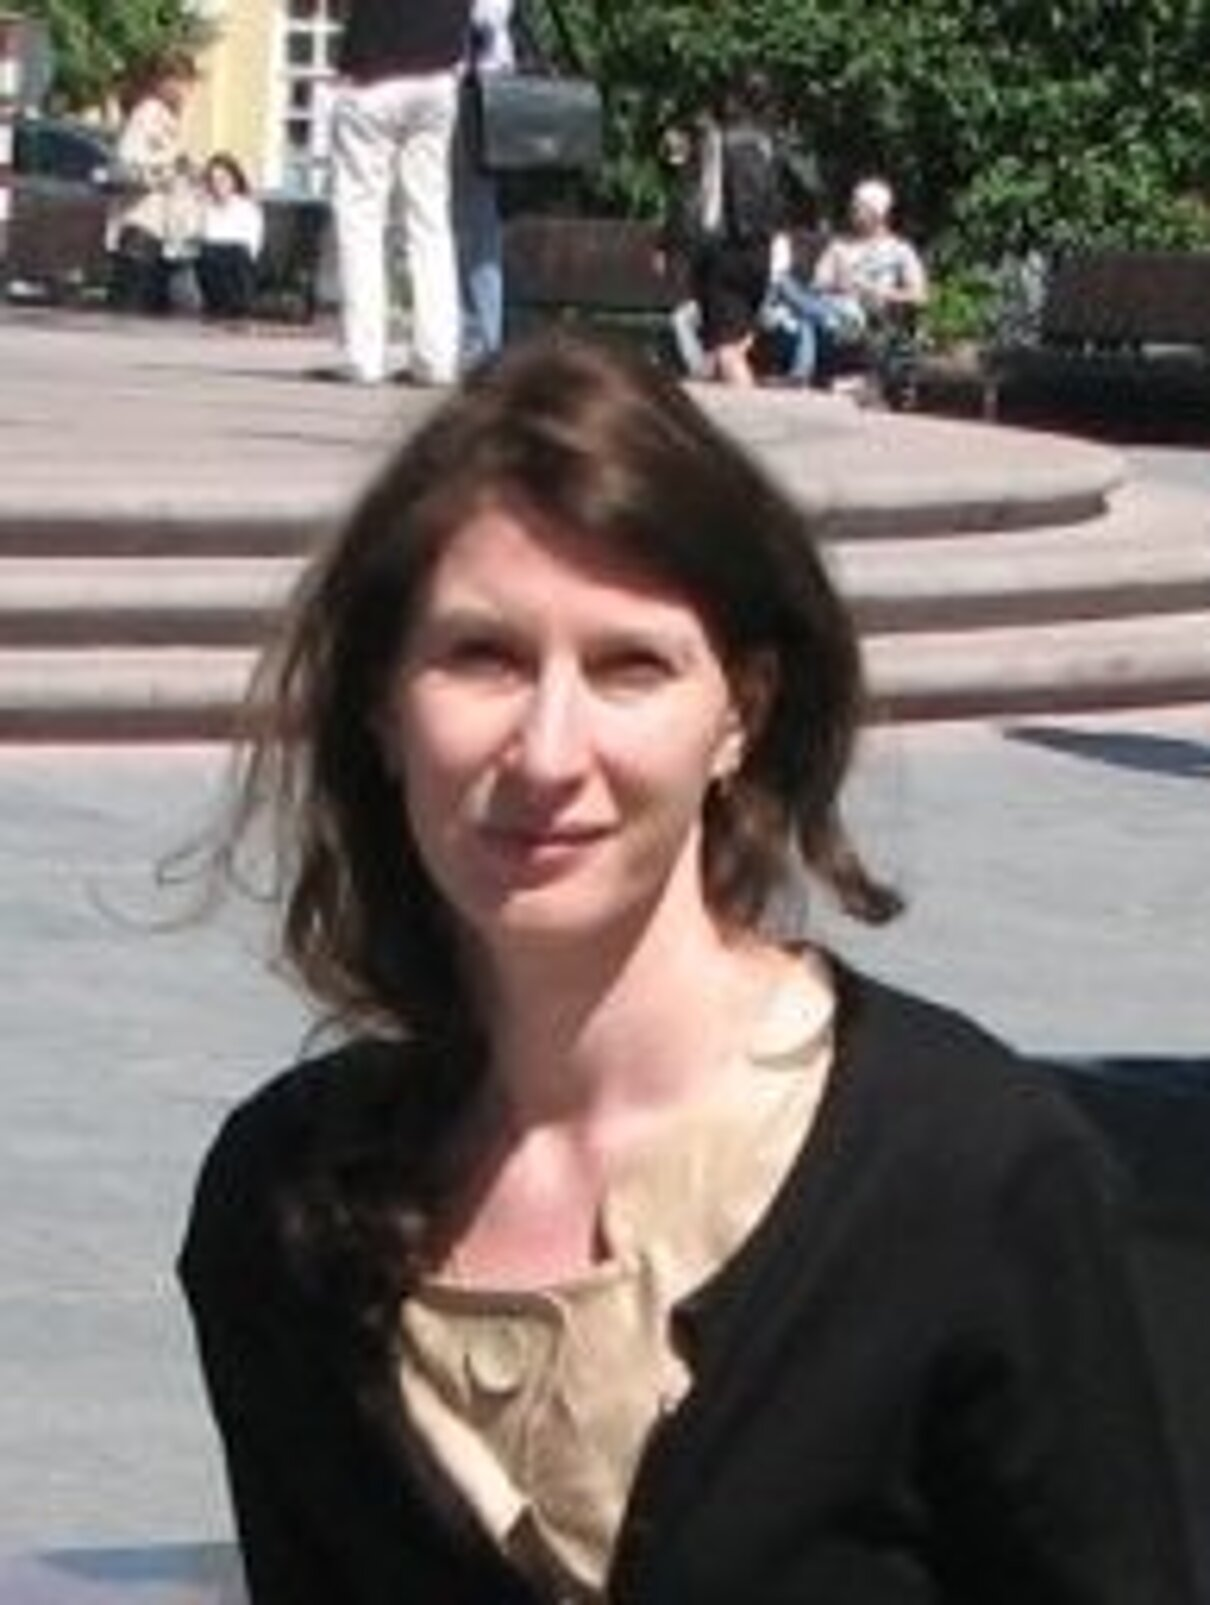 Жалоба-отзыв: Левшина Мария Николаевна - Аферистка, няня по вызову